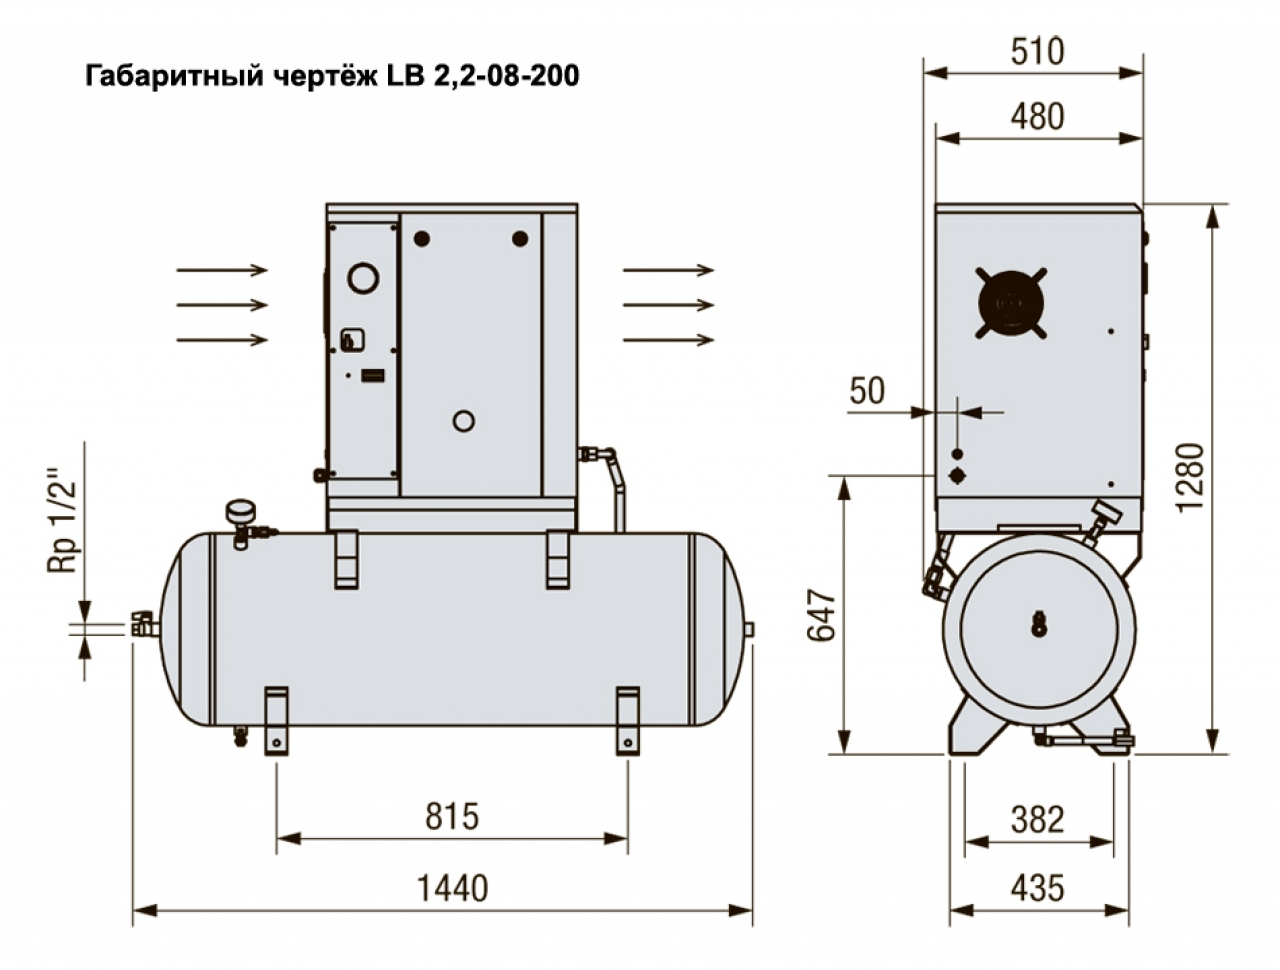 LB 3,0-08/200 Винтовой компрессор с ременным приводом